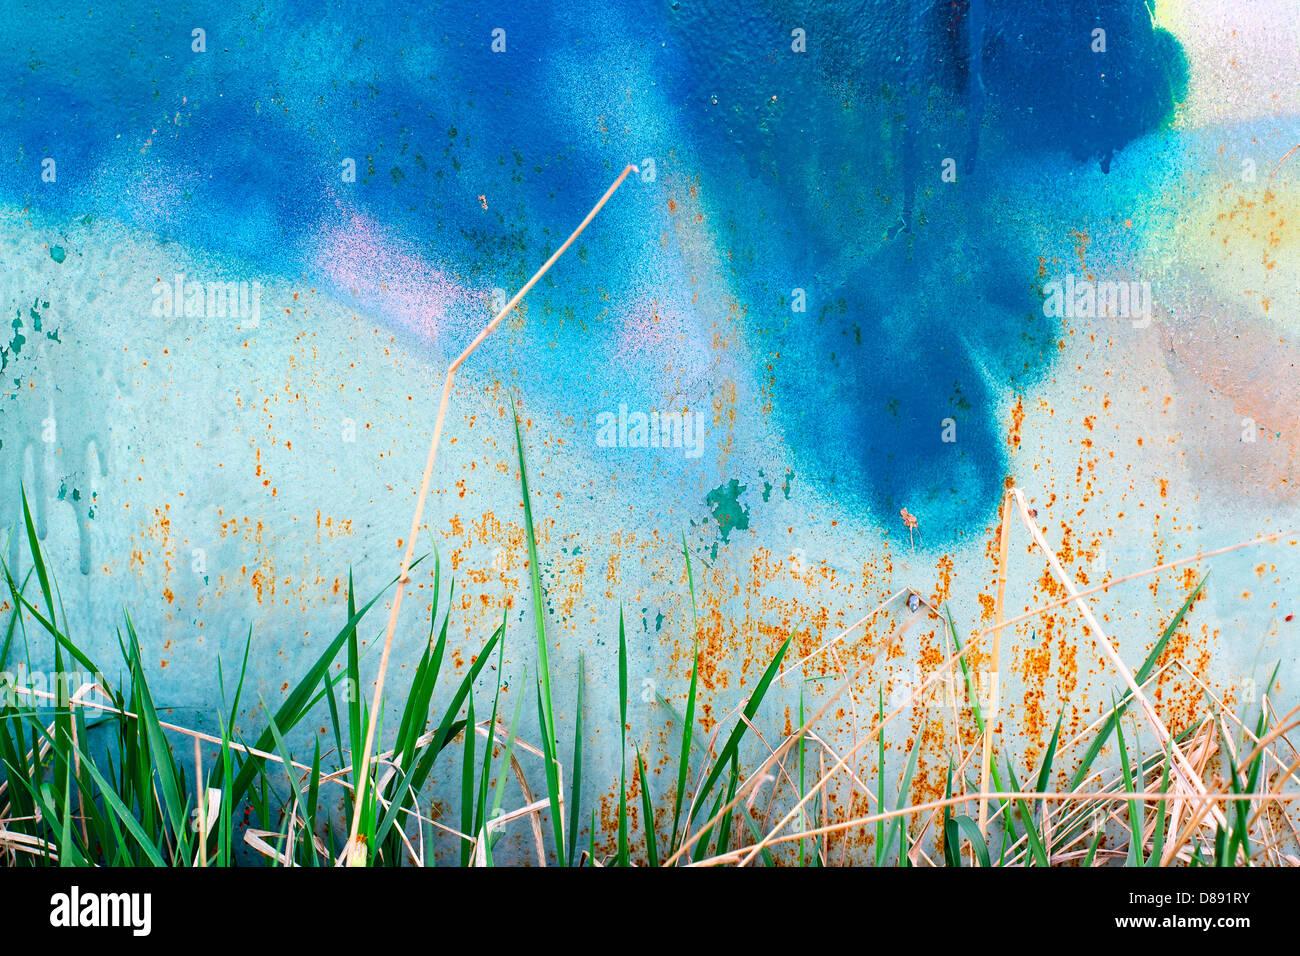 Erba e vecchia parete dipinta in tracce di ruggine Immagini Stock